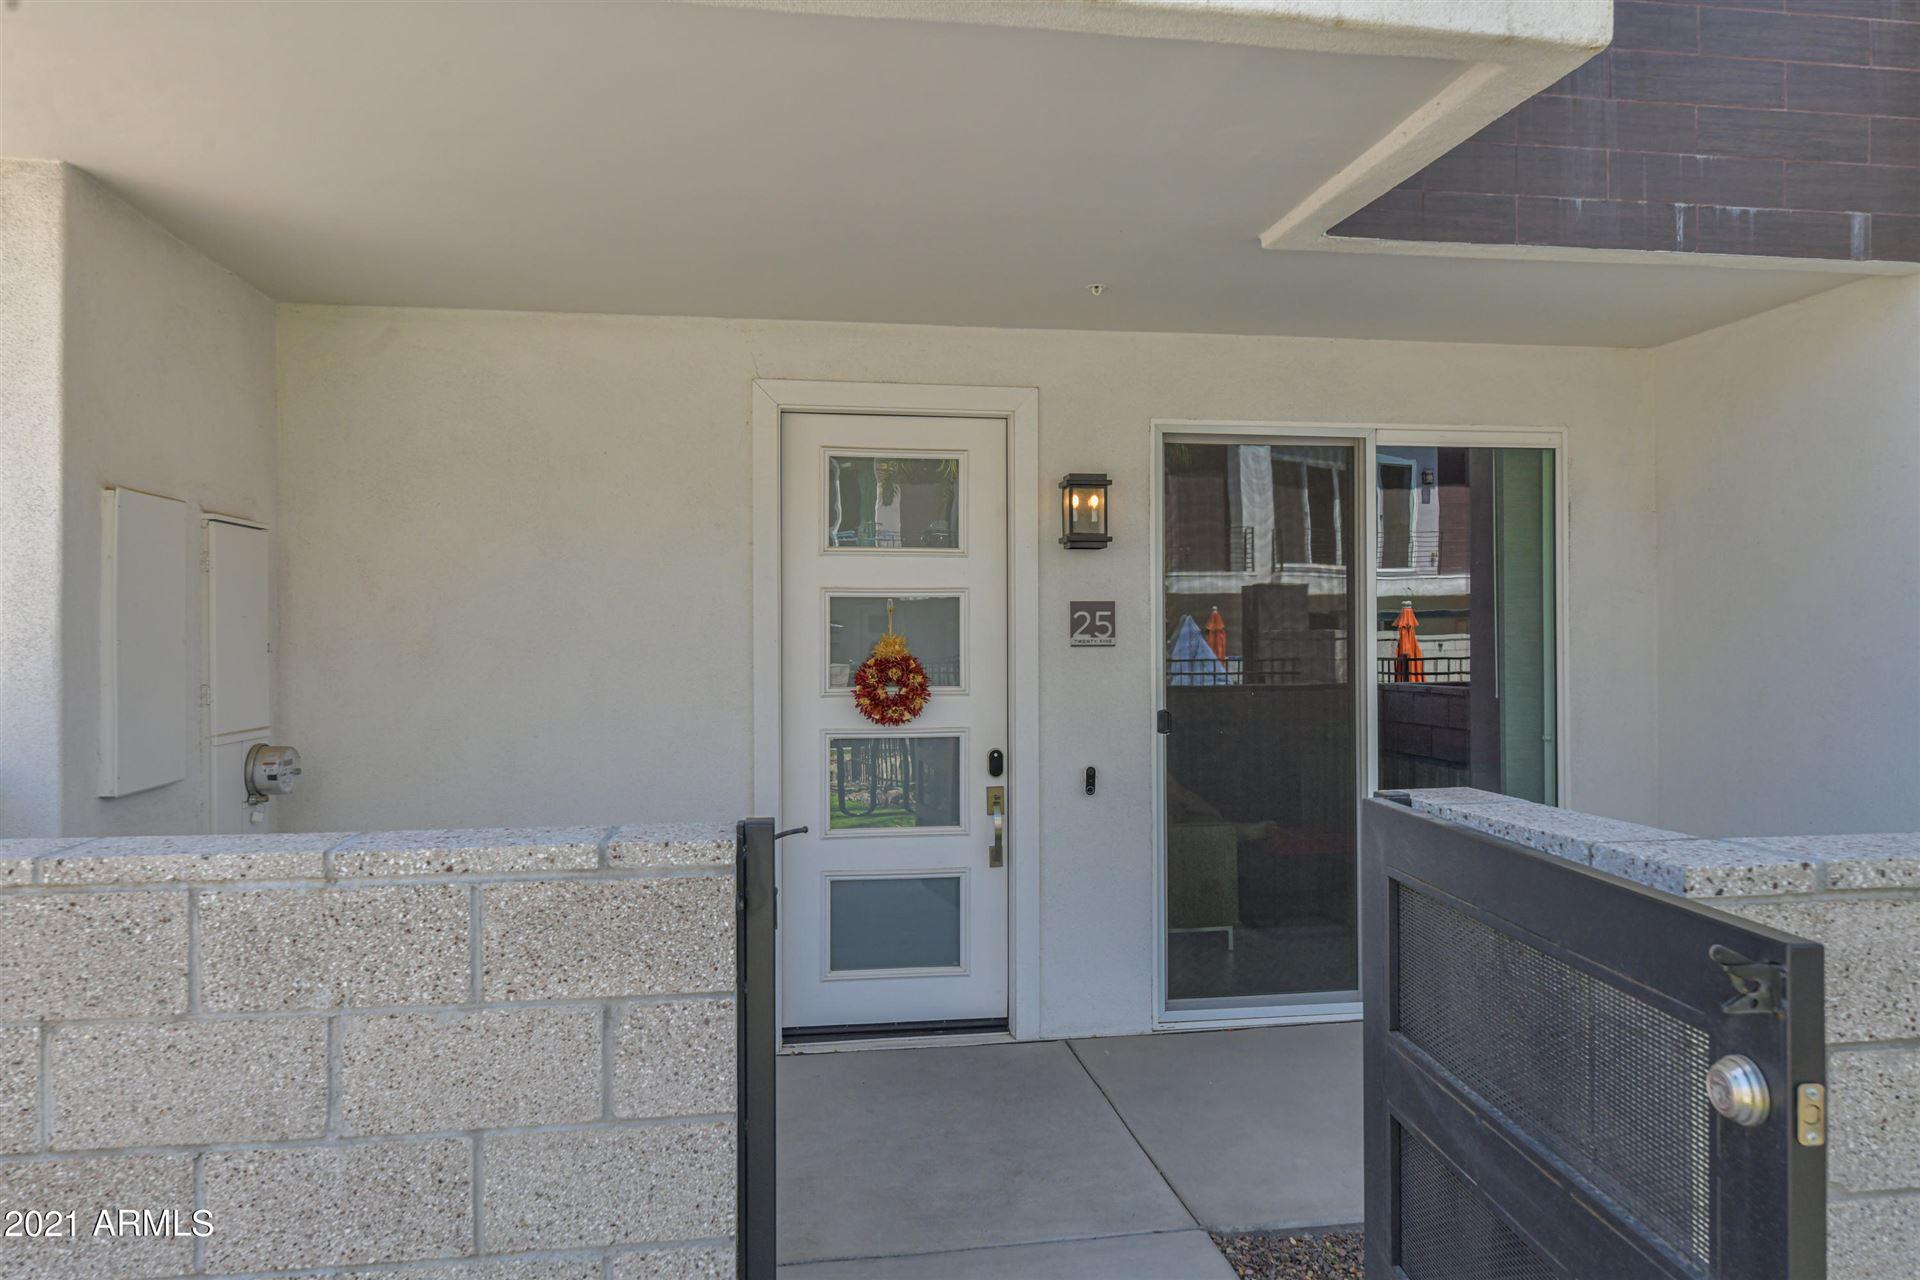 Photo of 4444 N 25TH Street #25, Phoenix, AZ 85016 (MLS # 6230997)